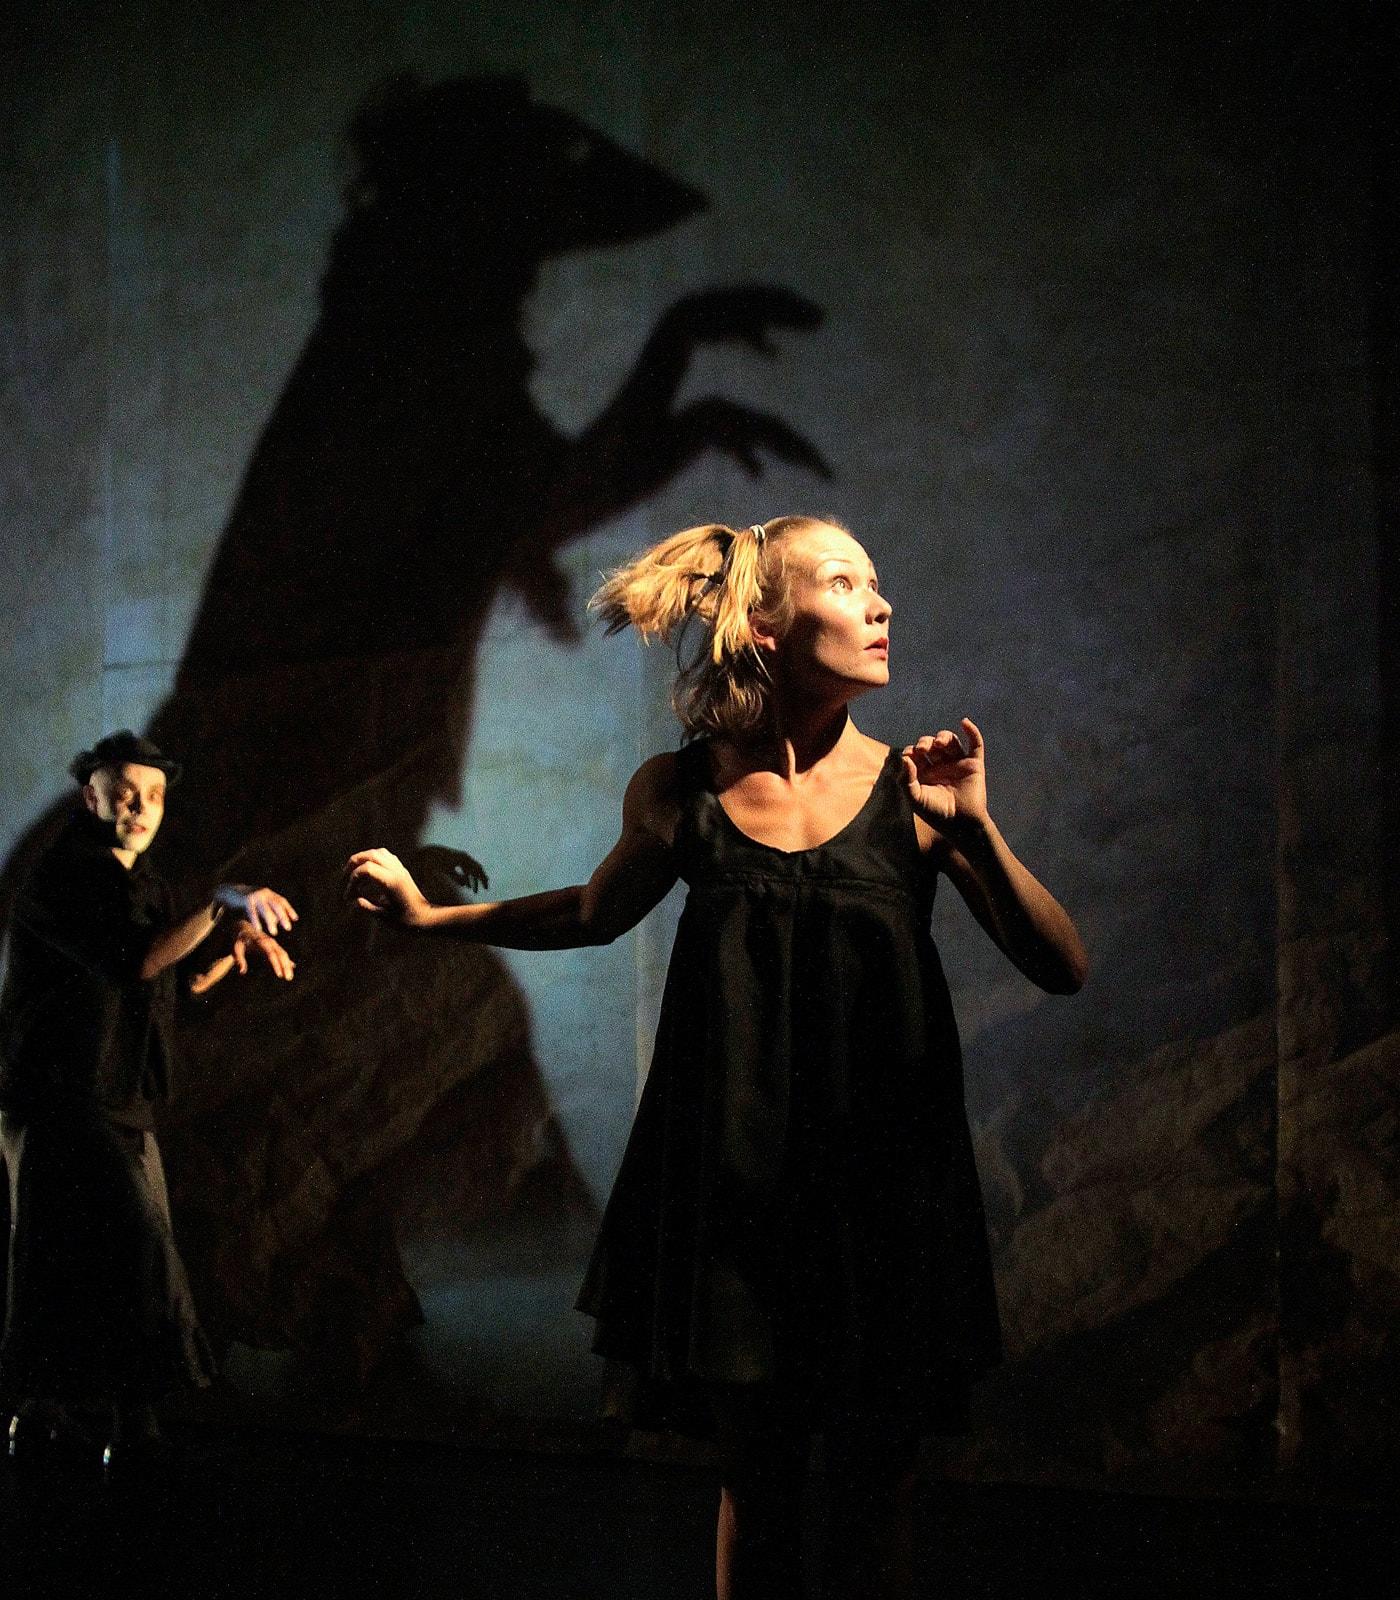 Tanzperformance für Kinder. Vom Mond gefallen – MINI-A-TOUR-Theater // HIMBEER